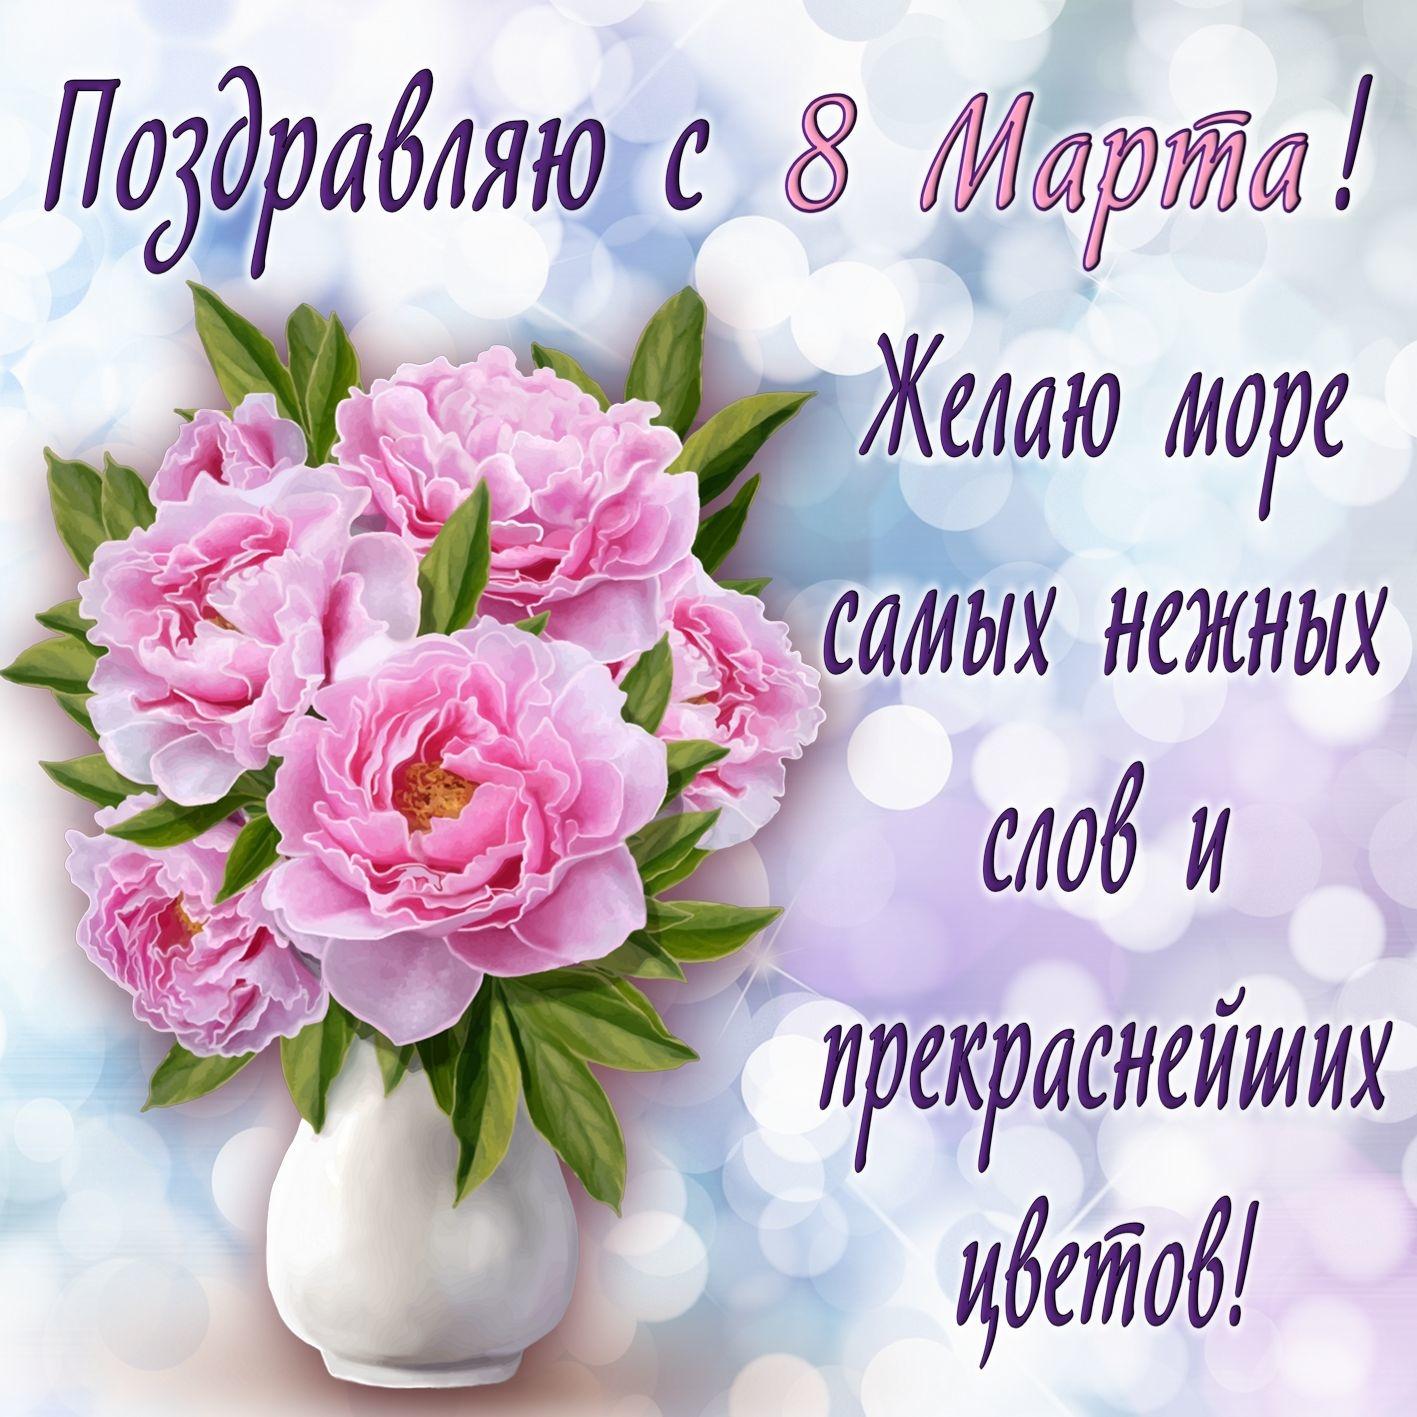 Поздравления с 8 марта хорошие короткие